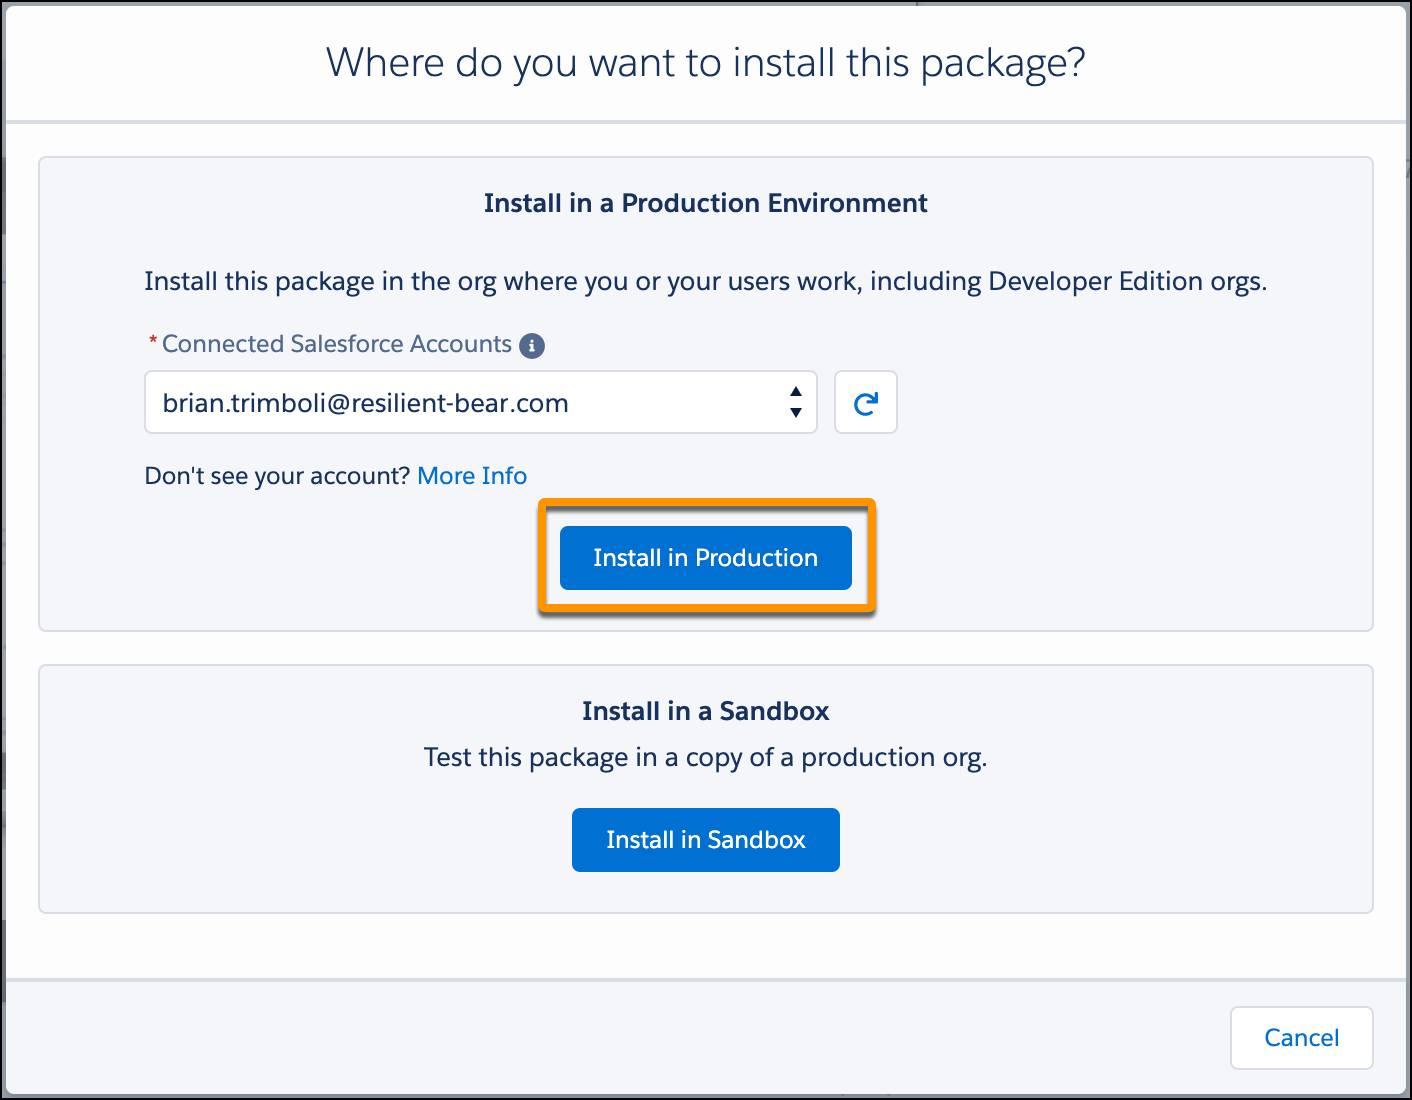 El diálogo Dónde desea instalar este paquete en AppExchange, con un Trailhead Playground seleccionado y la llamada al botón Instalar en producción.